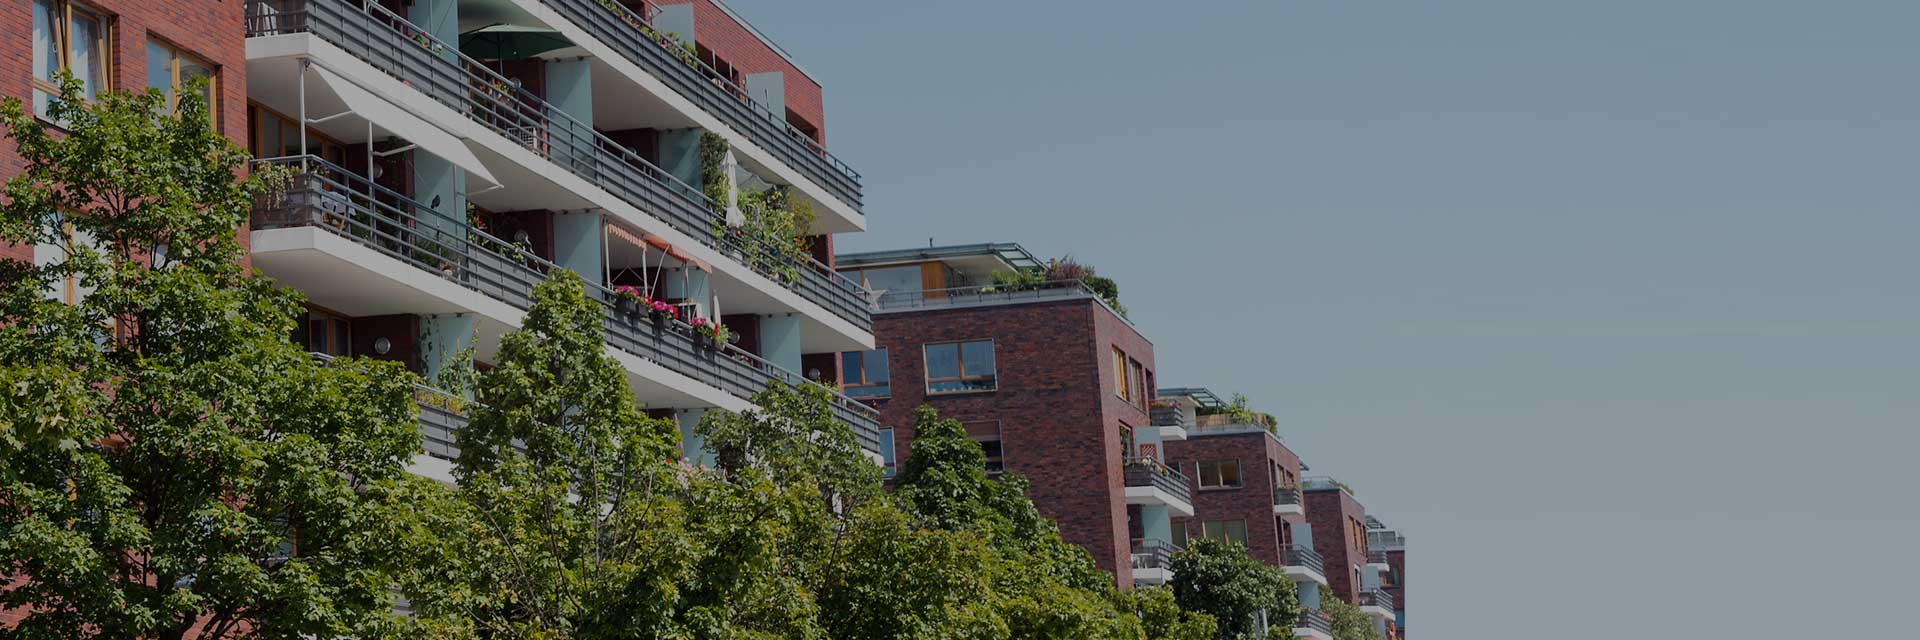 Detrazioni-Incentivi-lavori-condominiali